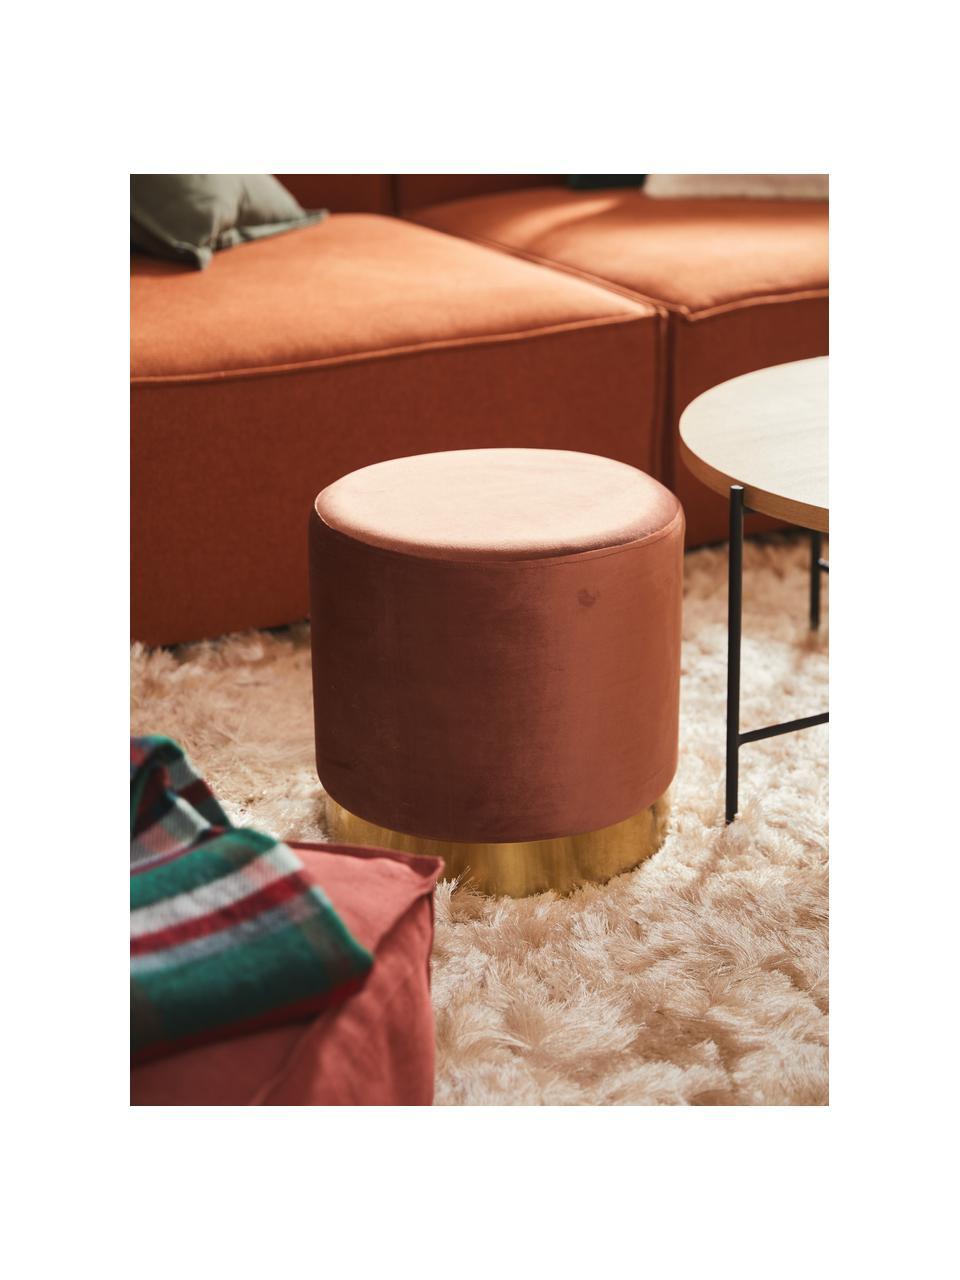 Pouf in velluto marrone Orchid, Rivestimento: velluto (100% poliestere), Struttura: compensato, Velluto marrone, dorato, Ø 38 x Alt. 38 cm